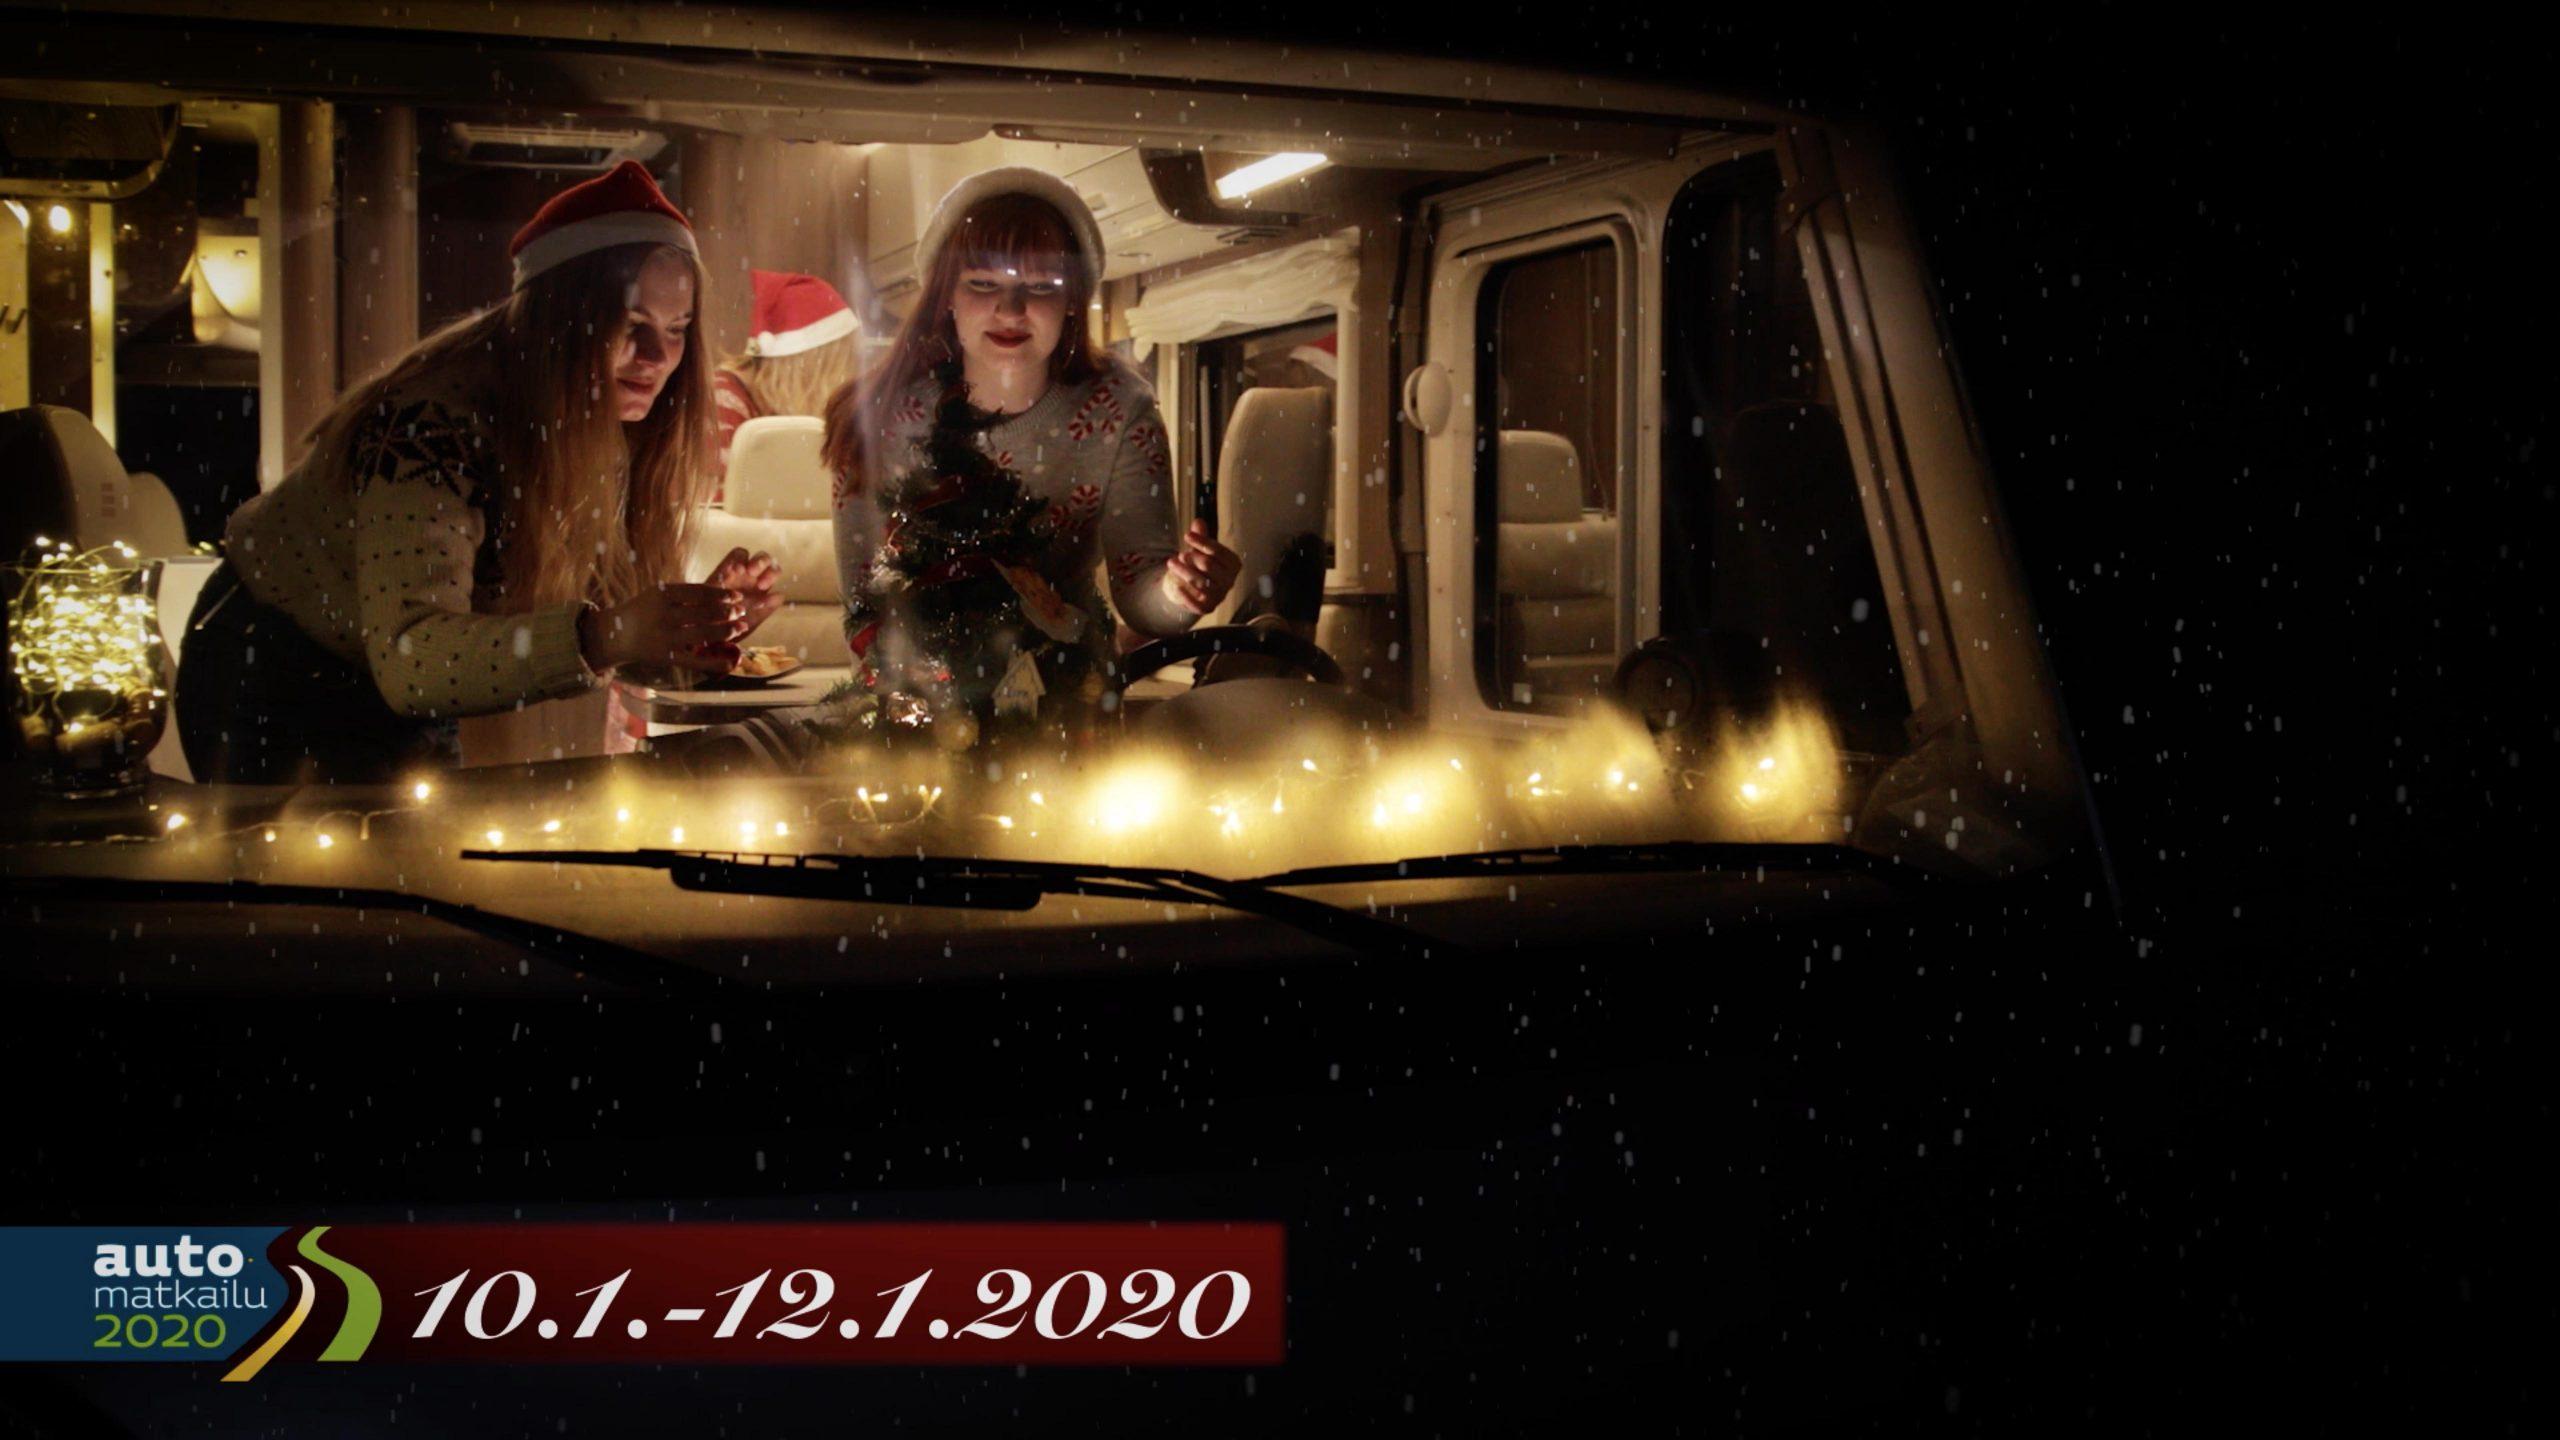 Automatkailu 2020 Joulutervehdys mainos